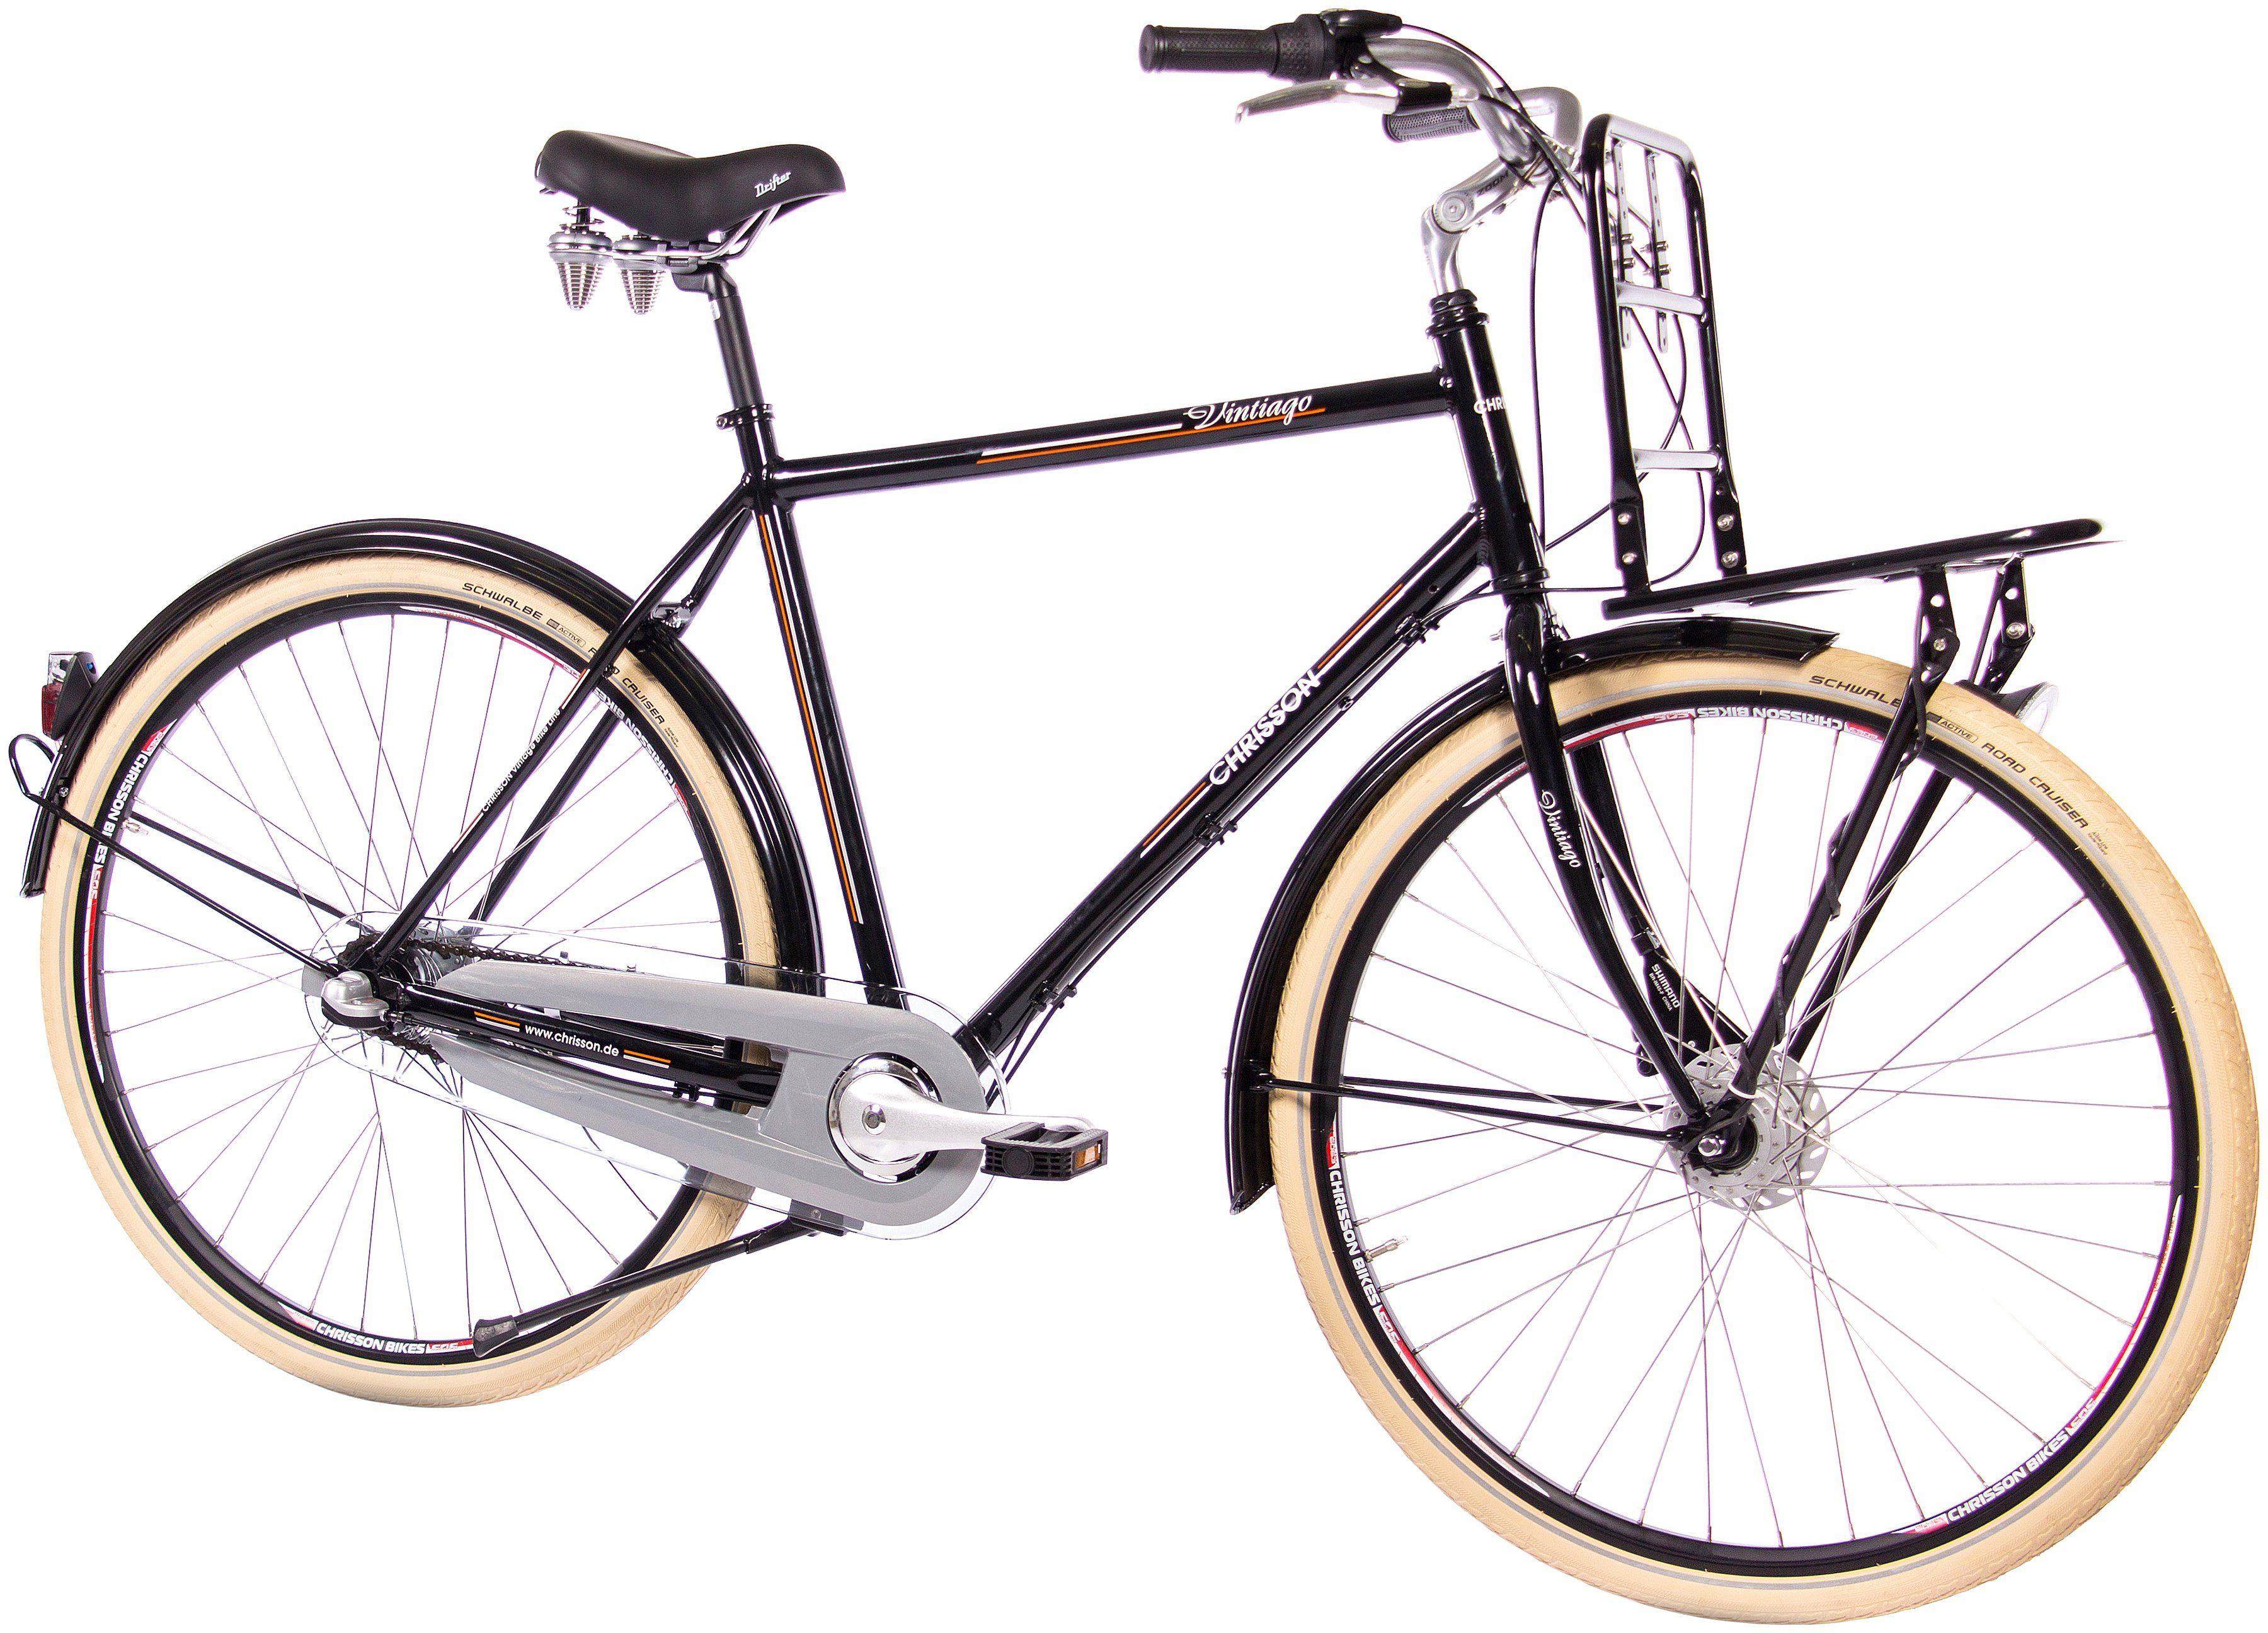 CHRISSON Citybike Herren »VINTIAGO Gent«, 28 Zoll, 3 Gang